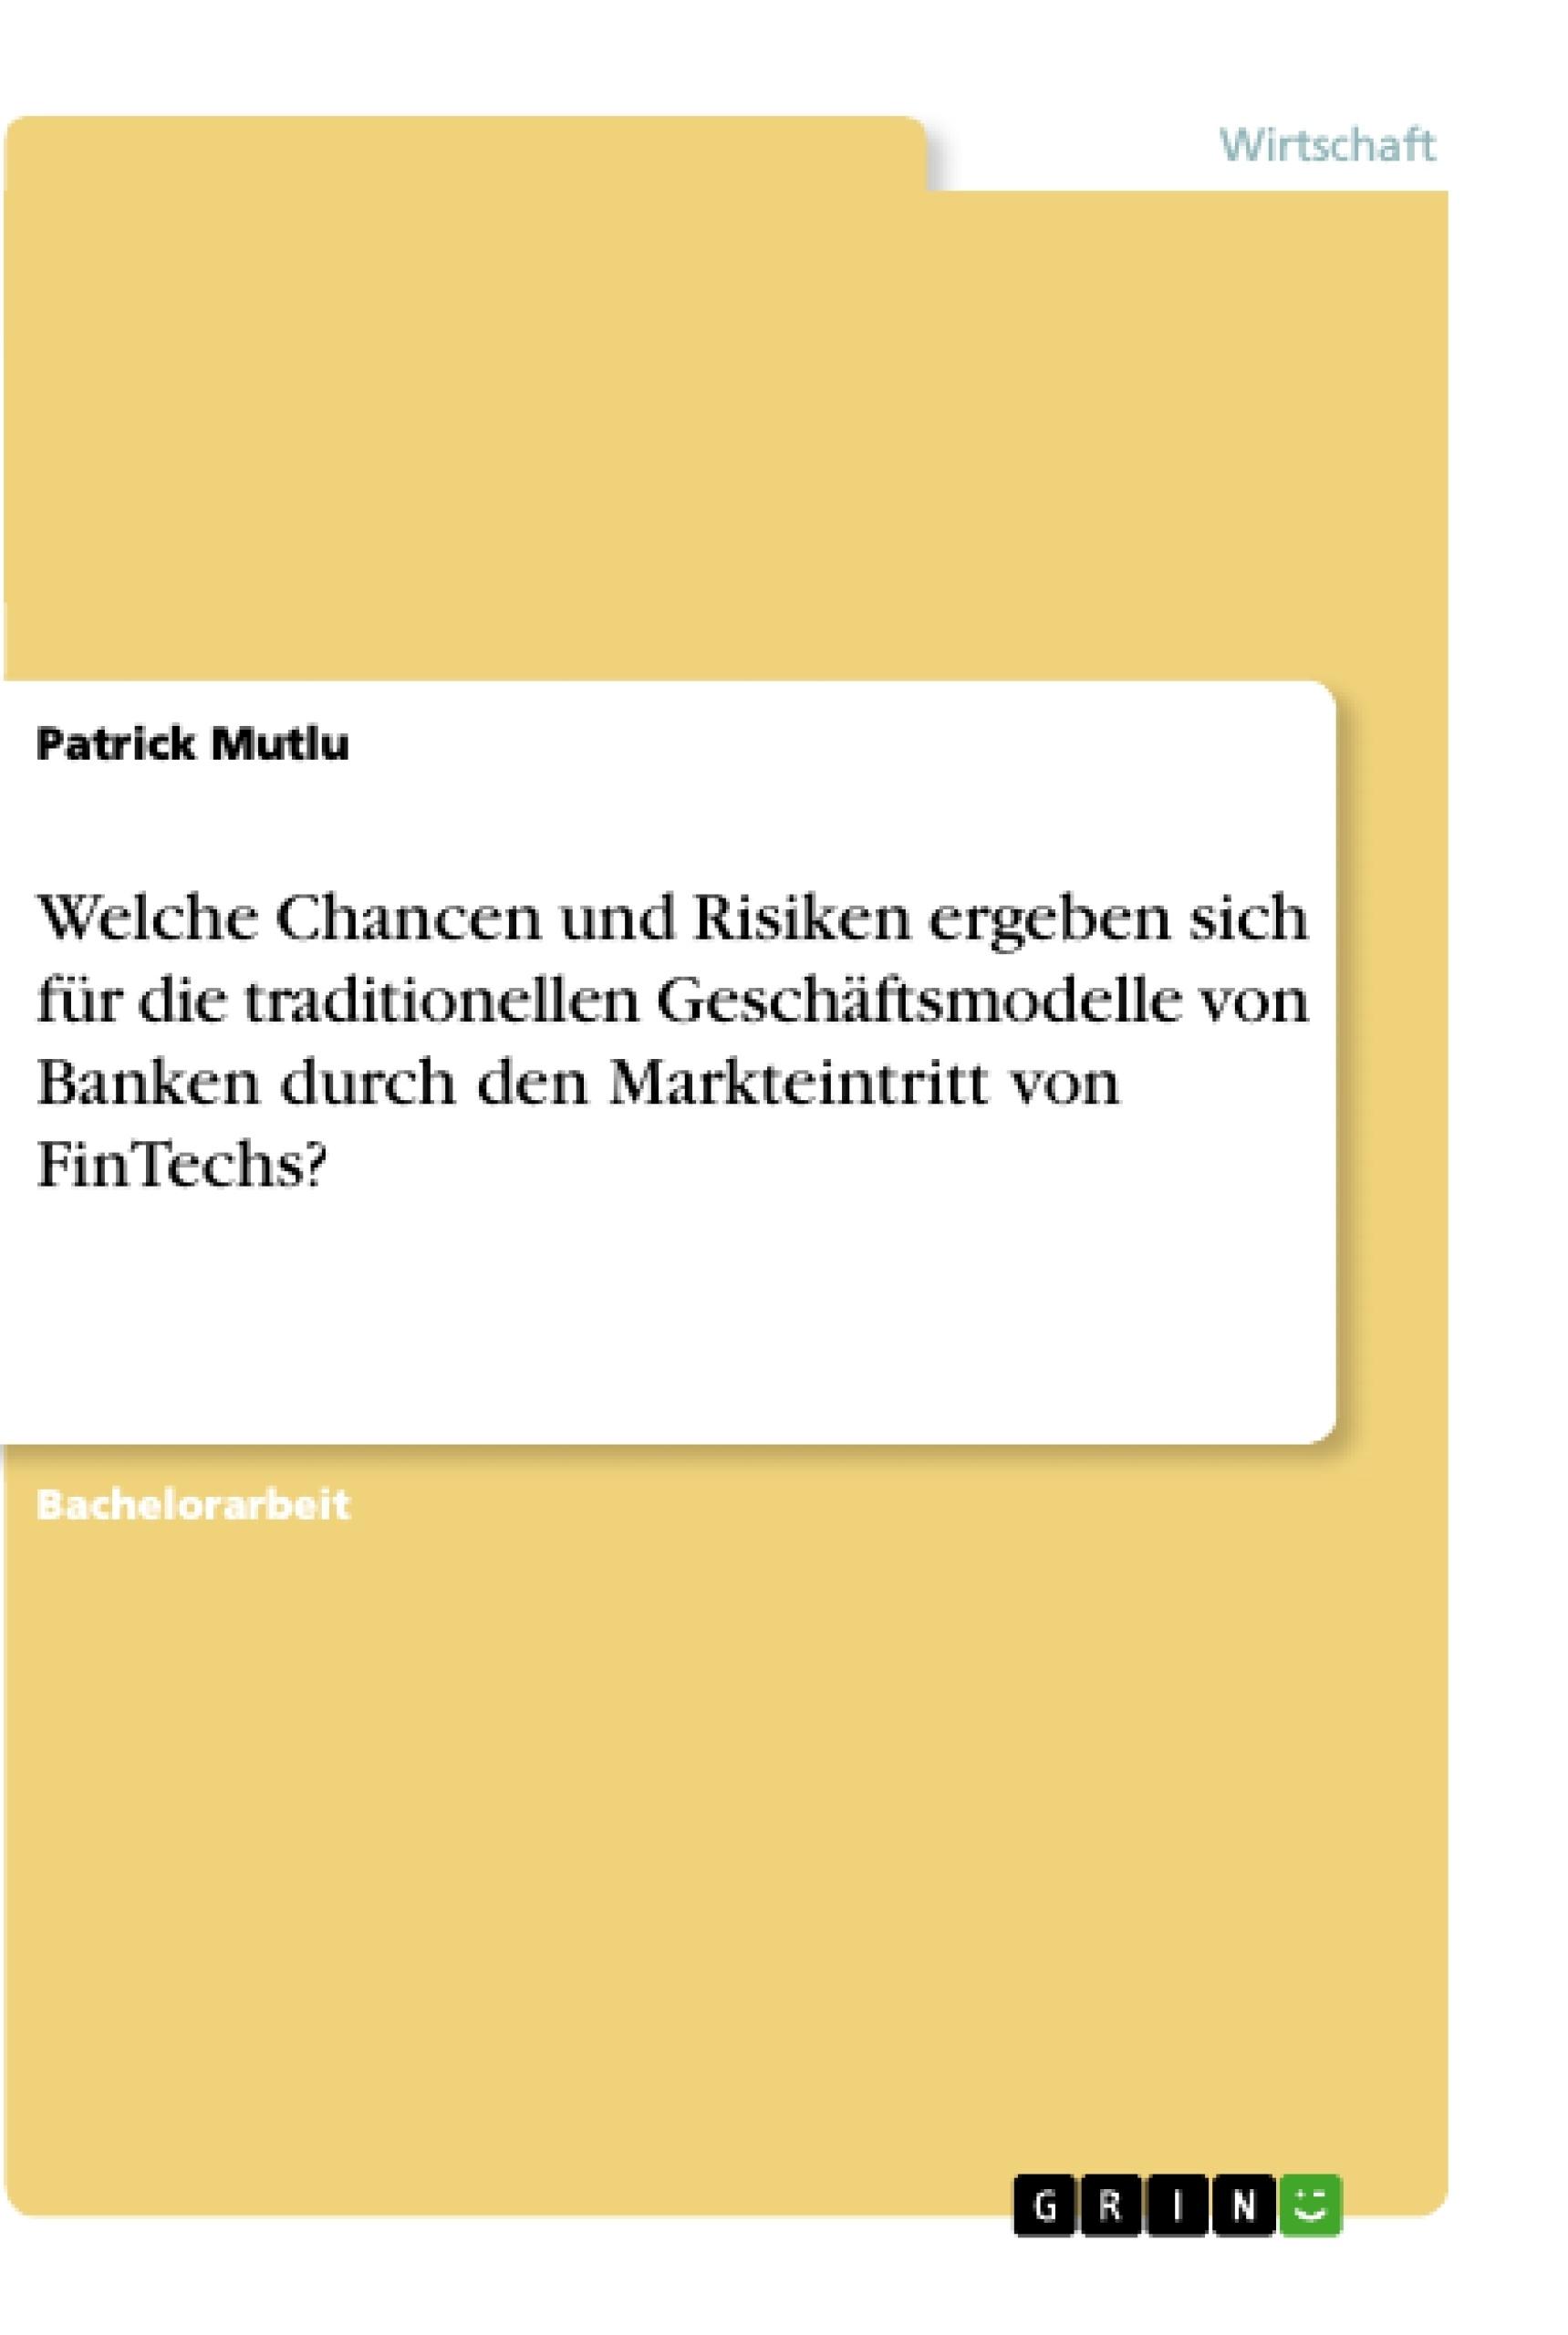 Titel: Welche Chancen und Risiken ergeben sich für die traditionellen Geschäftsmodelle von Banken durch den Markteintritt von FinTechs?